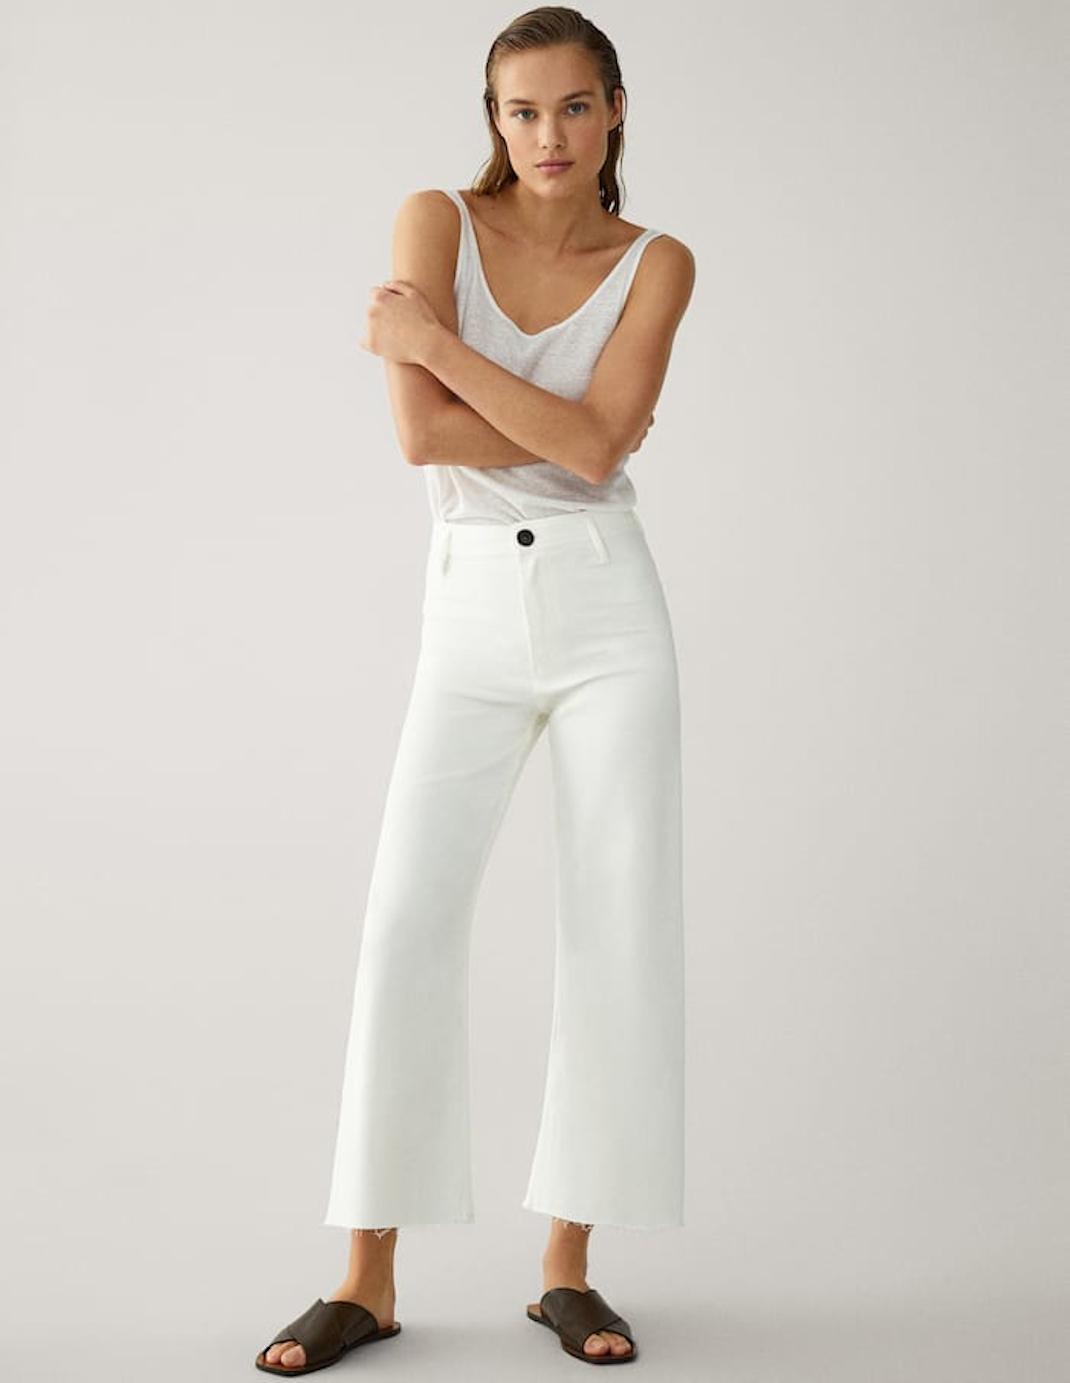 μοντέλο με λευκό τζιν